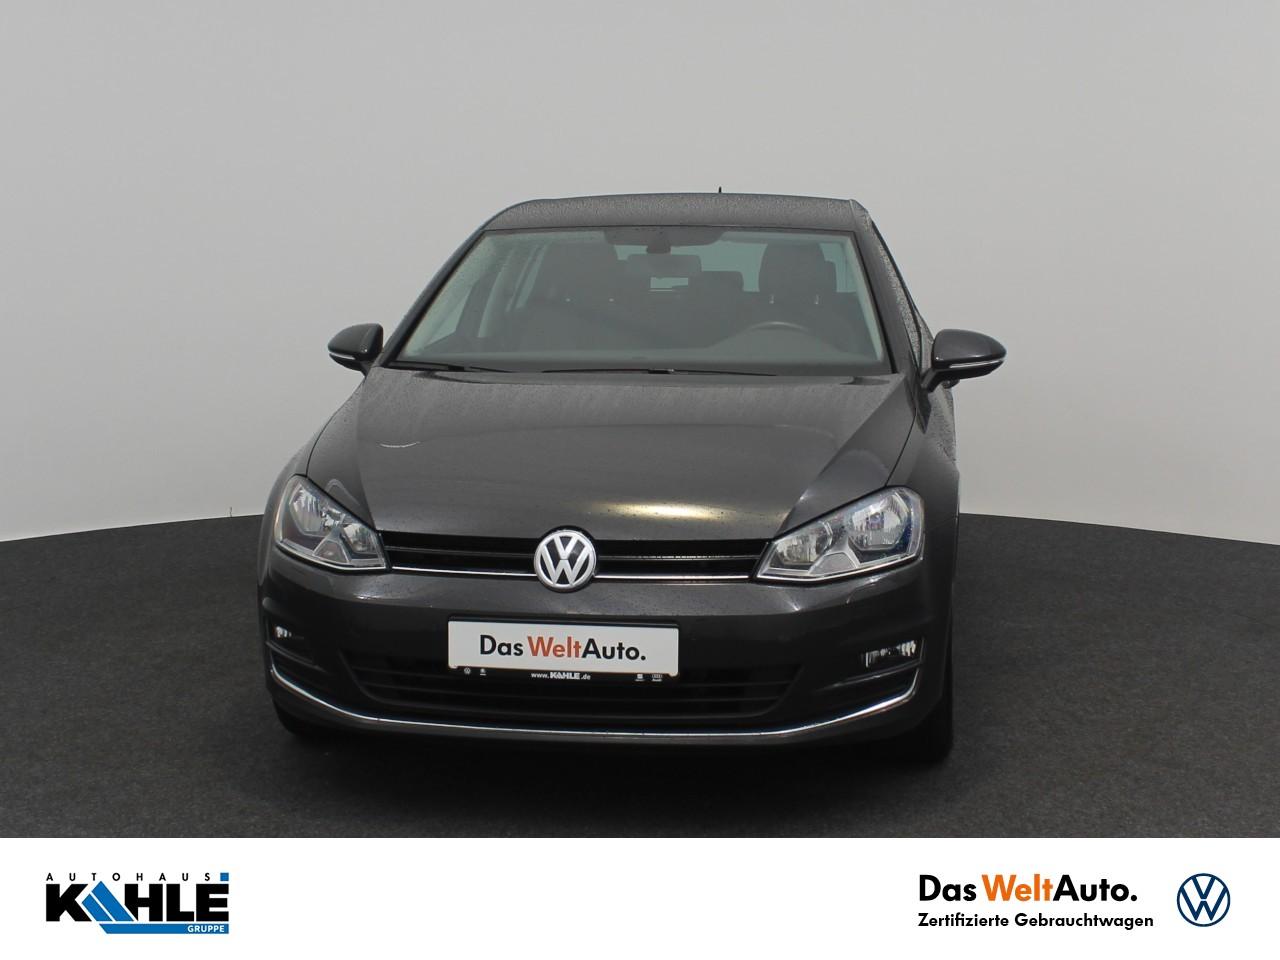 Volkswagen Golf VII 1.2 TSI BMT Highline Navi Klima Sitzheizung PDC, Jahr 2016, Benzin